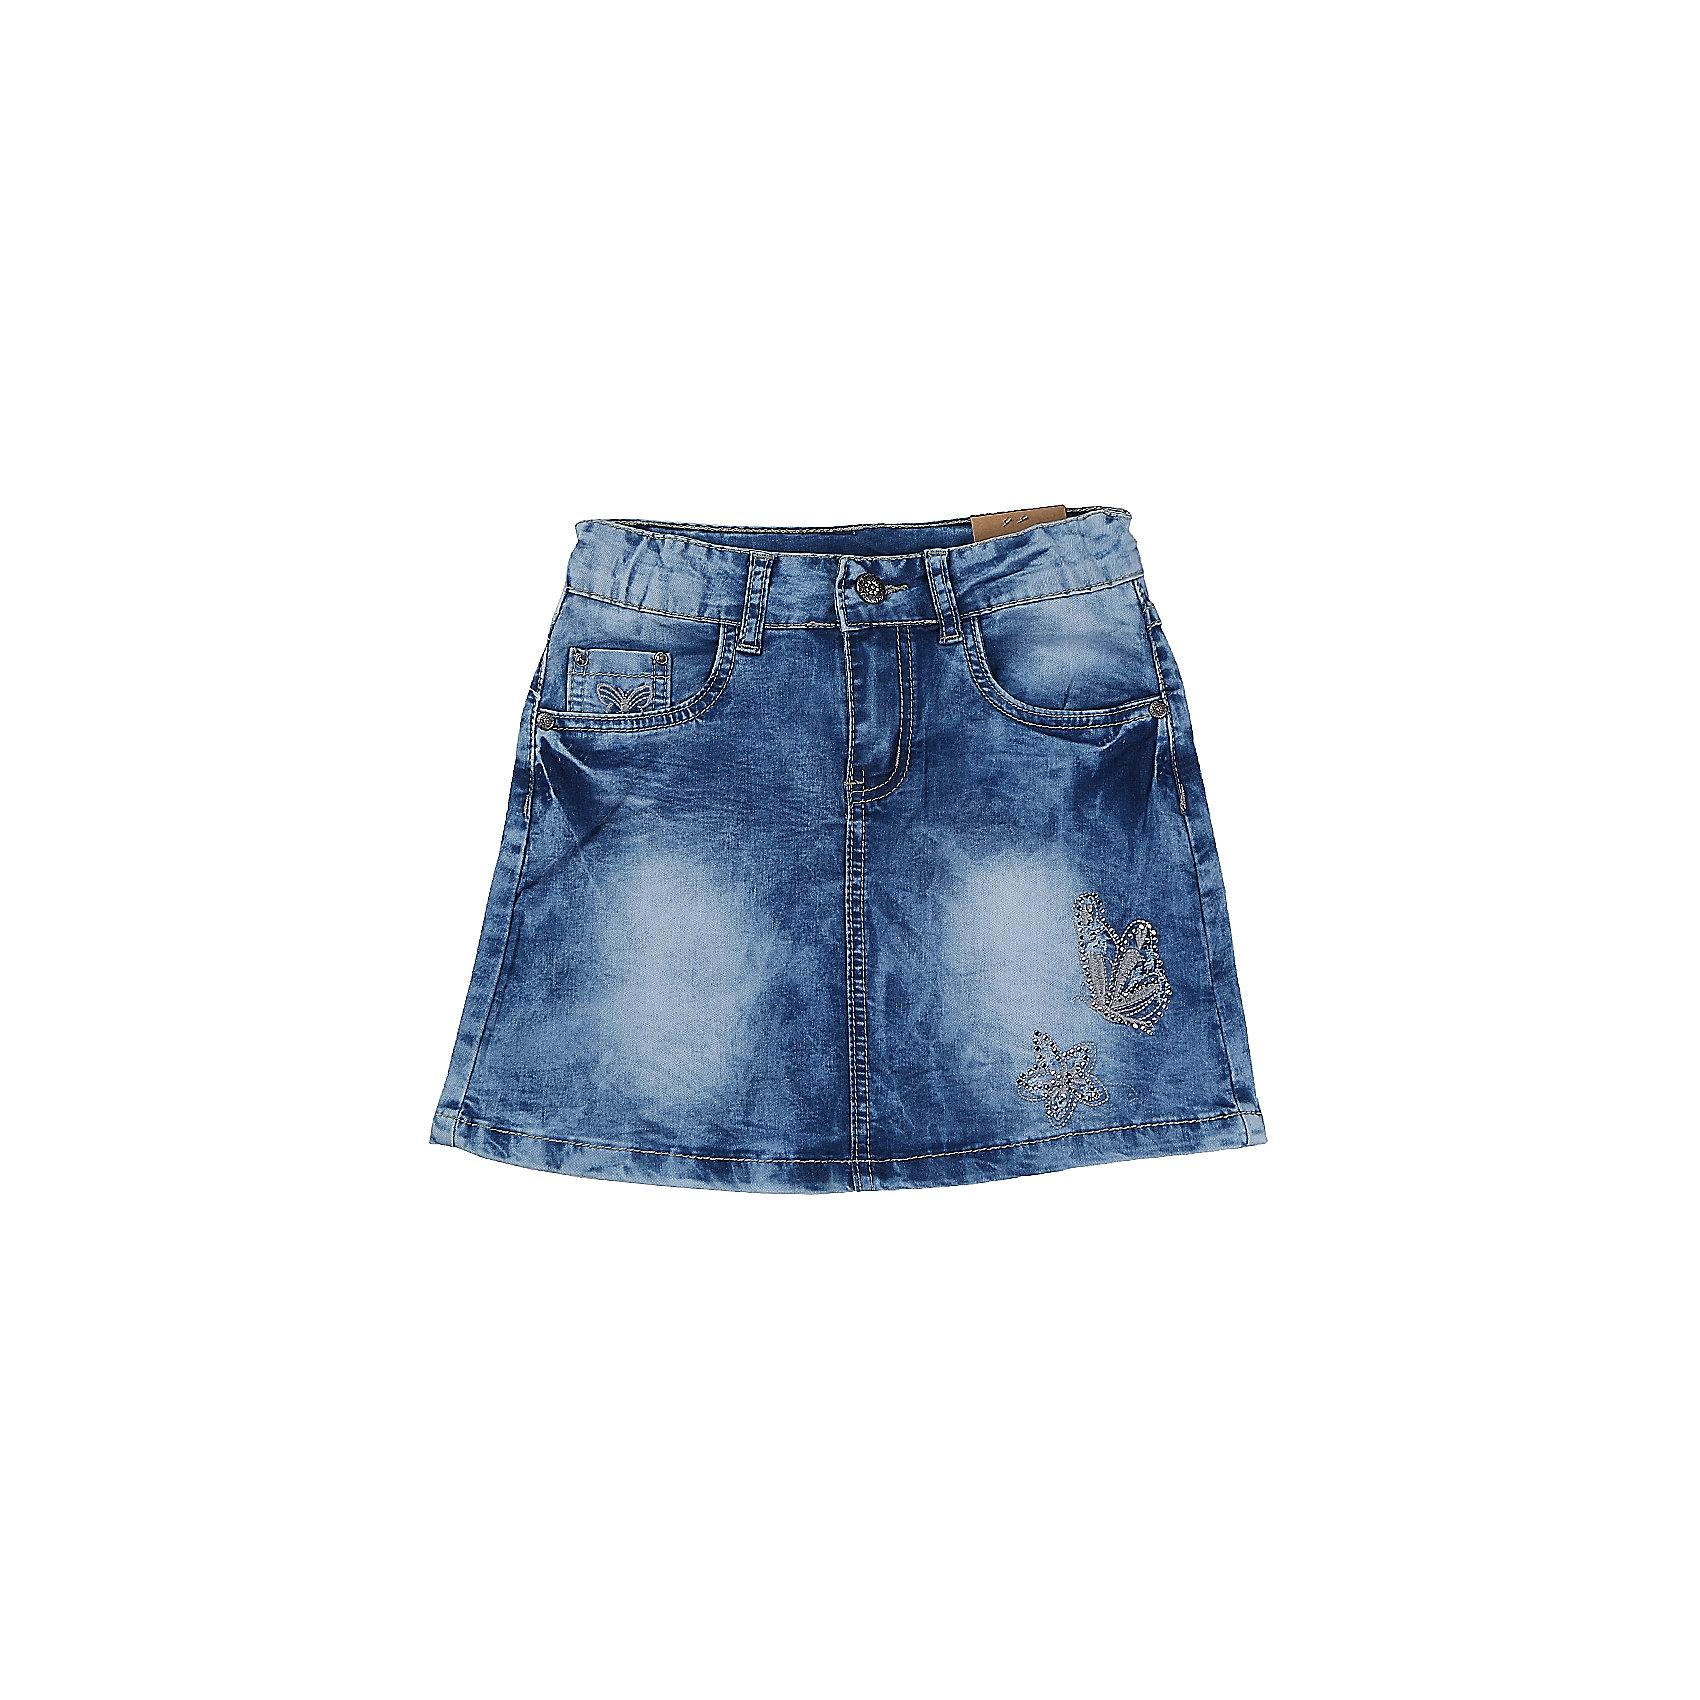 Юбка джинсовая для девочки LuminosoЮбки<br>Джинсовая юбка оригинальной варки  для девочки. Декорирована оригинальной вышивкой. Пояс с регулировкой внутренней резинкой.<br>Состав:<br>98%хлопок 2%эластан<br><br>Ширина мм: 207<br>Глубина мм: 10<br>Высота мм: 189<br>Вес г: 183<br>Цвет: синий<br>Возраст от месяцев: 108<br>Возраст до месяцев: 120<br>Пол: Женский<br>Возраст: Детский<br>Размер: 140,134,164,158,152,146<br>SKU: 5413007